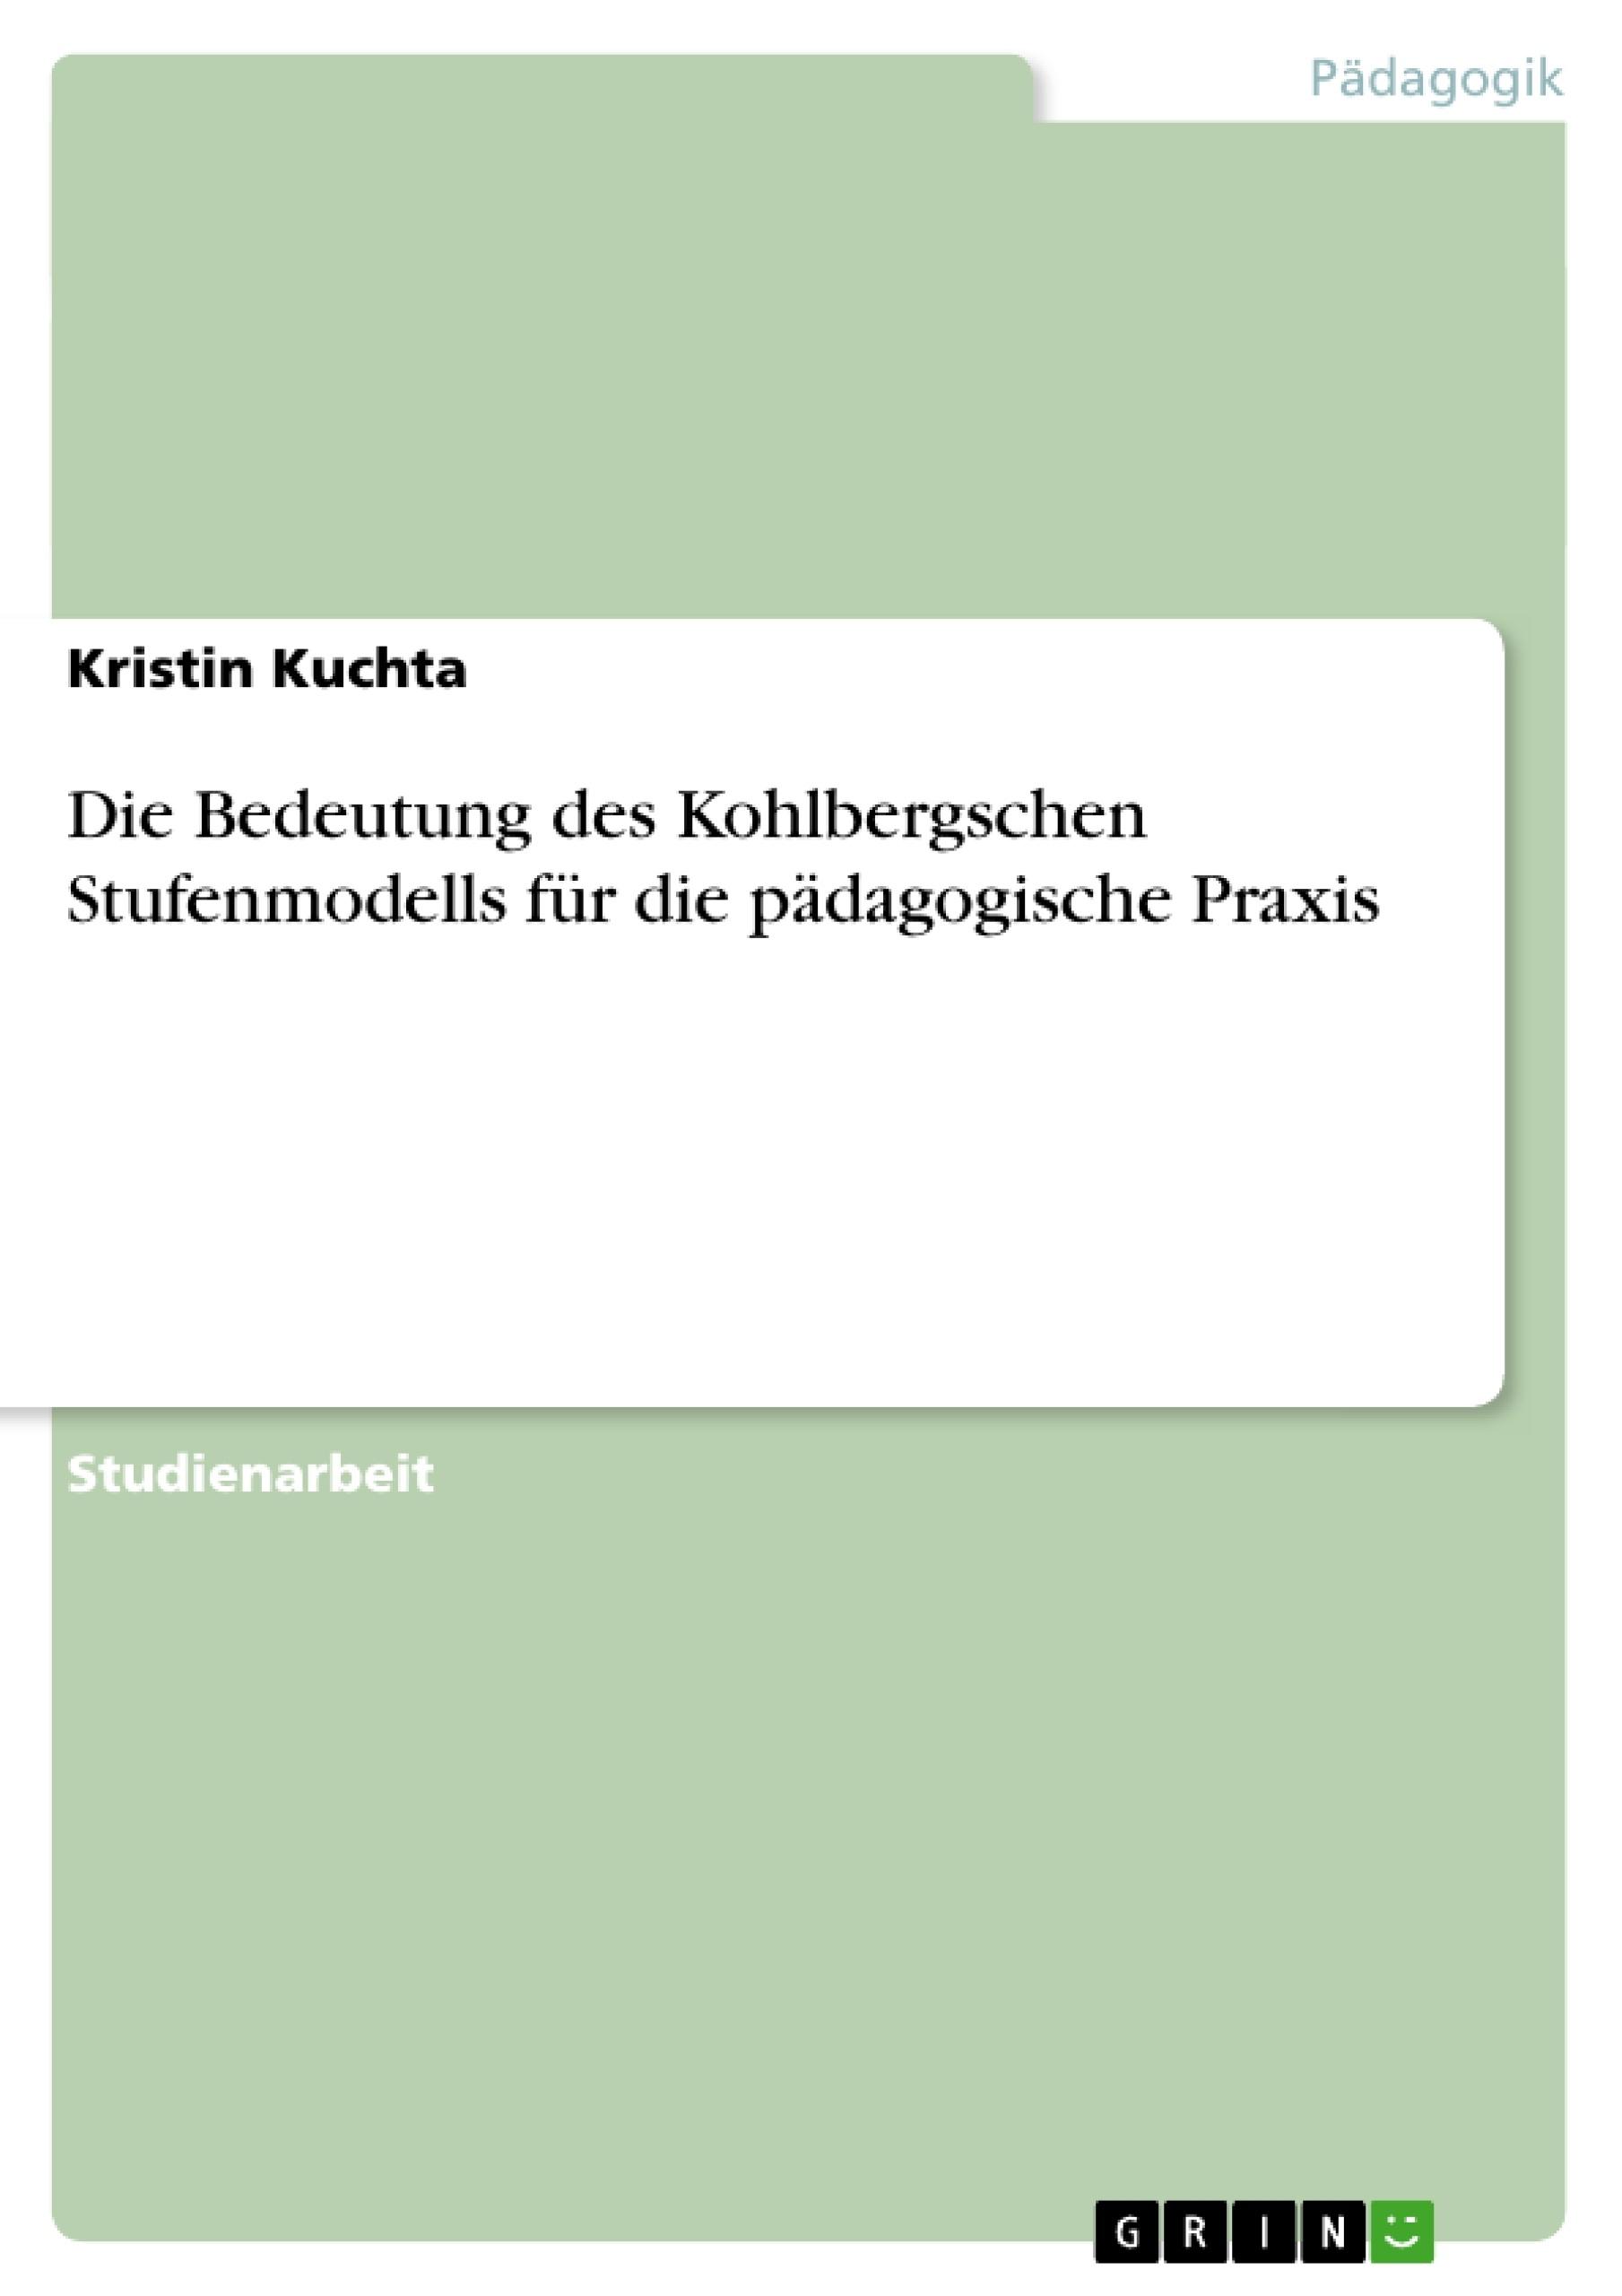 Titel: Die Bedeutung des Kohlbergschen Stufenmodells für die pädagogische Praxis